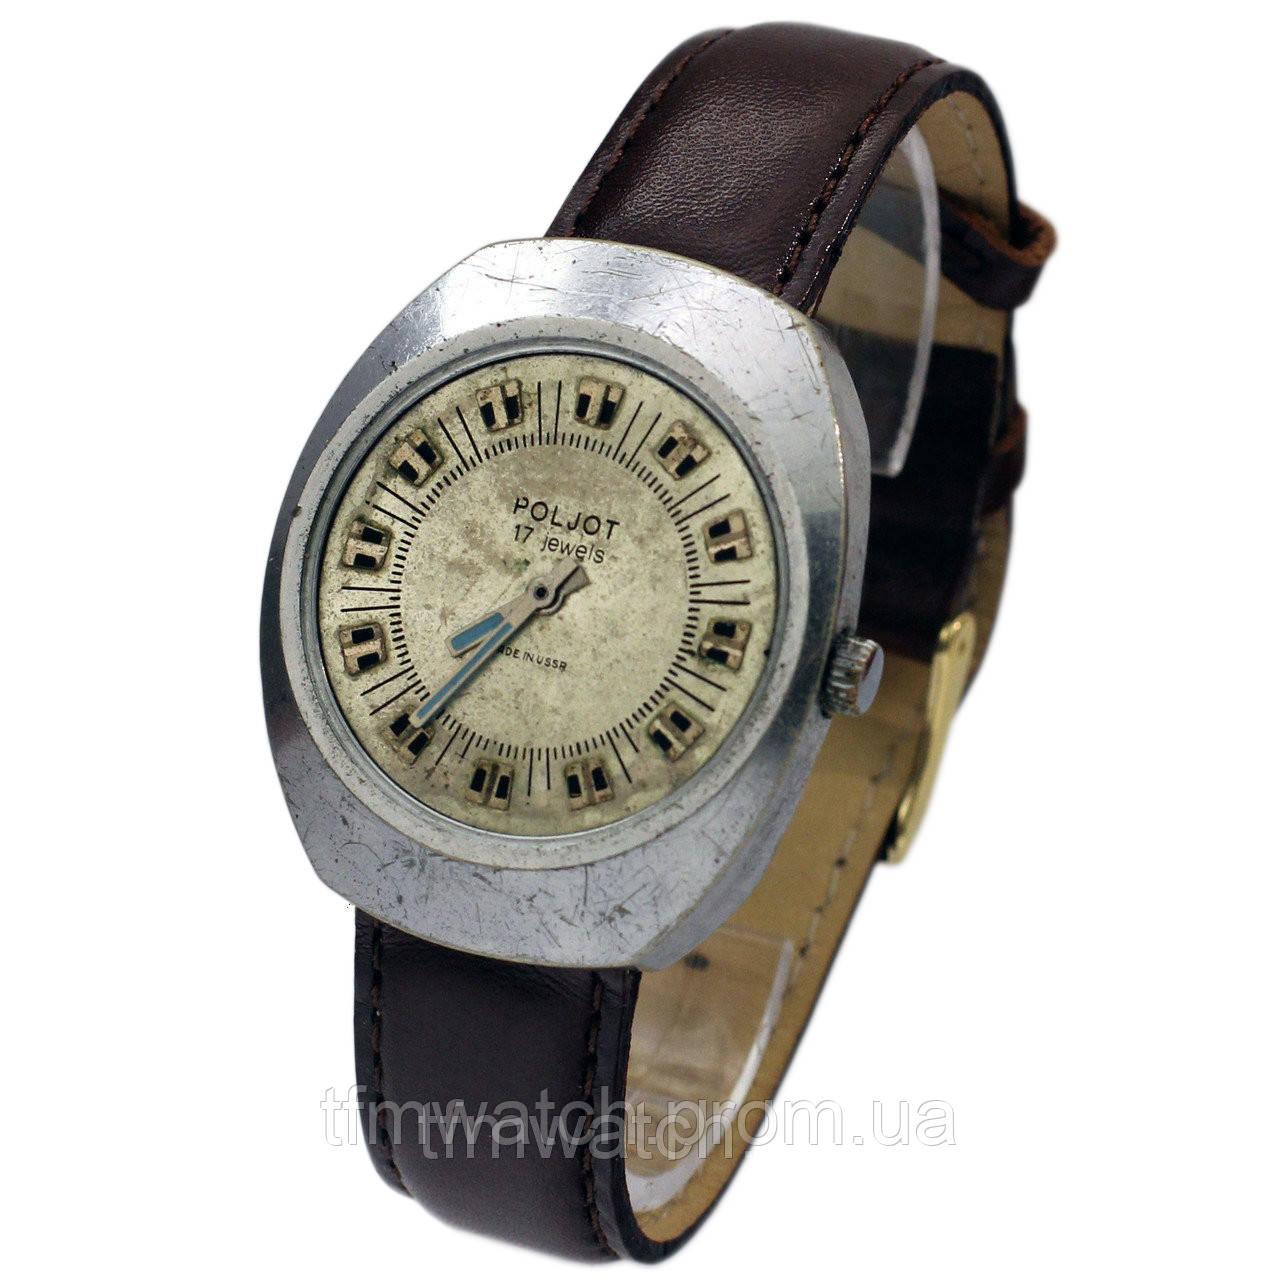 Часы наручные полет 17 jewels часы наручные до 700 руб